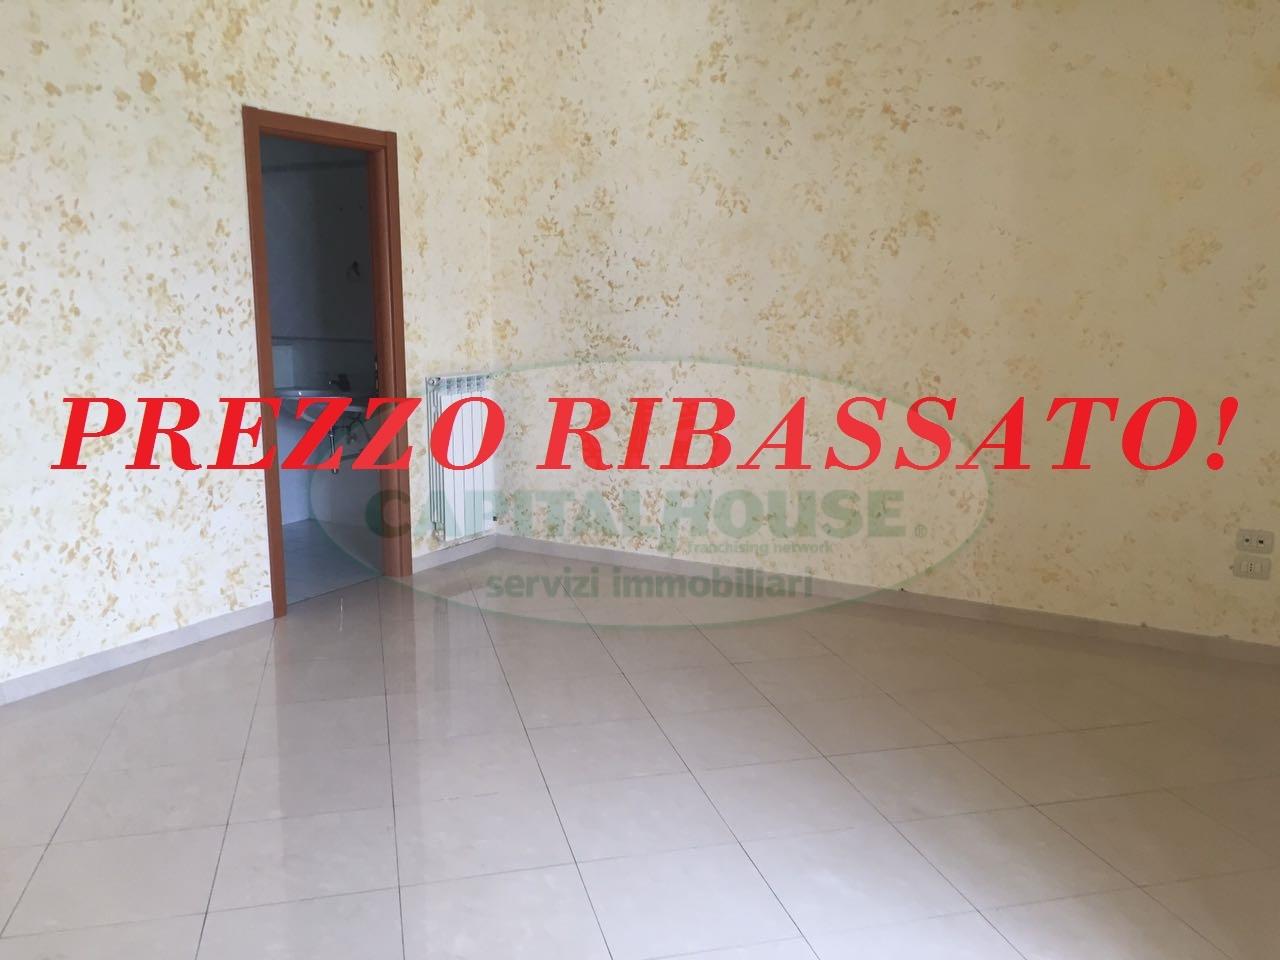 Appartamento in affitto a Afragola, 3 locali, zona Località: CorsoGaribaldi, prezzo € 470 | CambioCasa.it